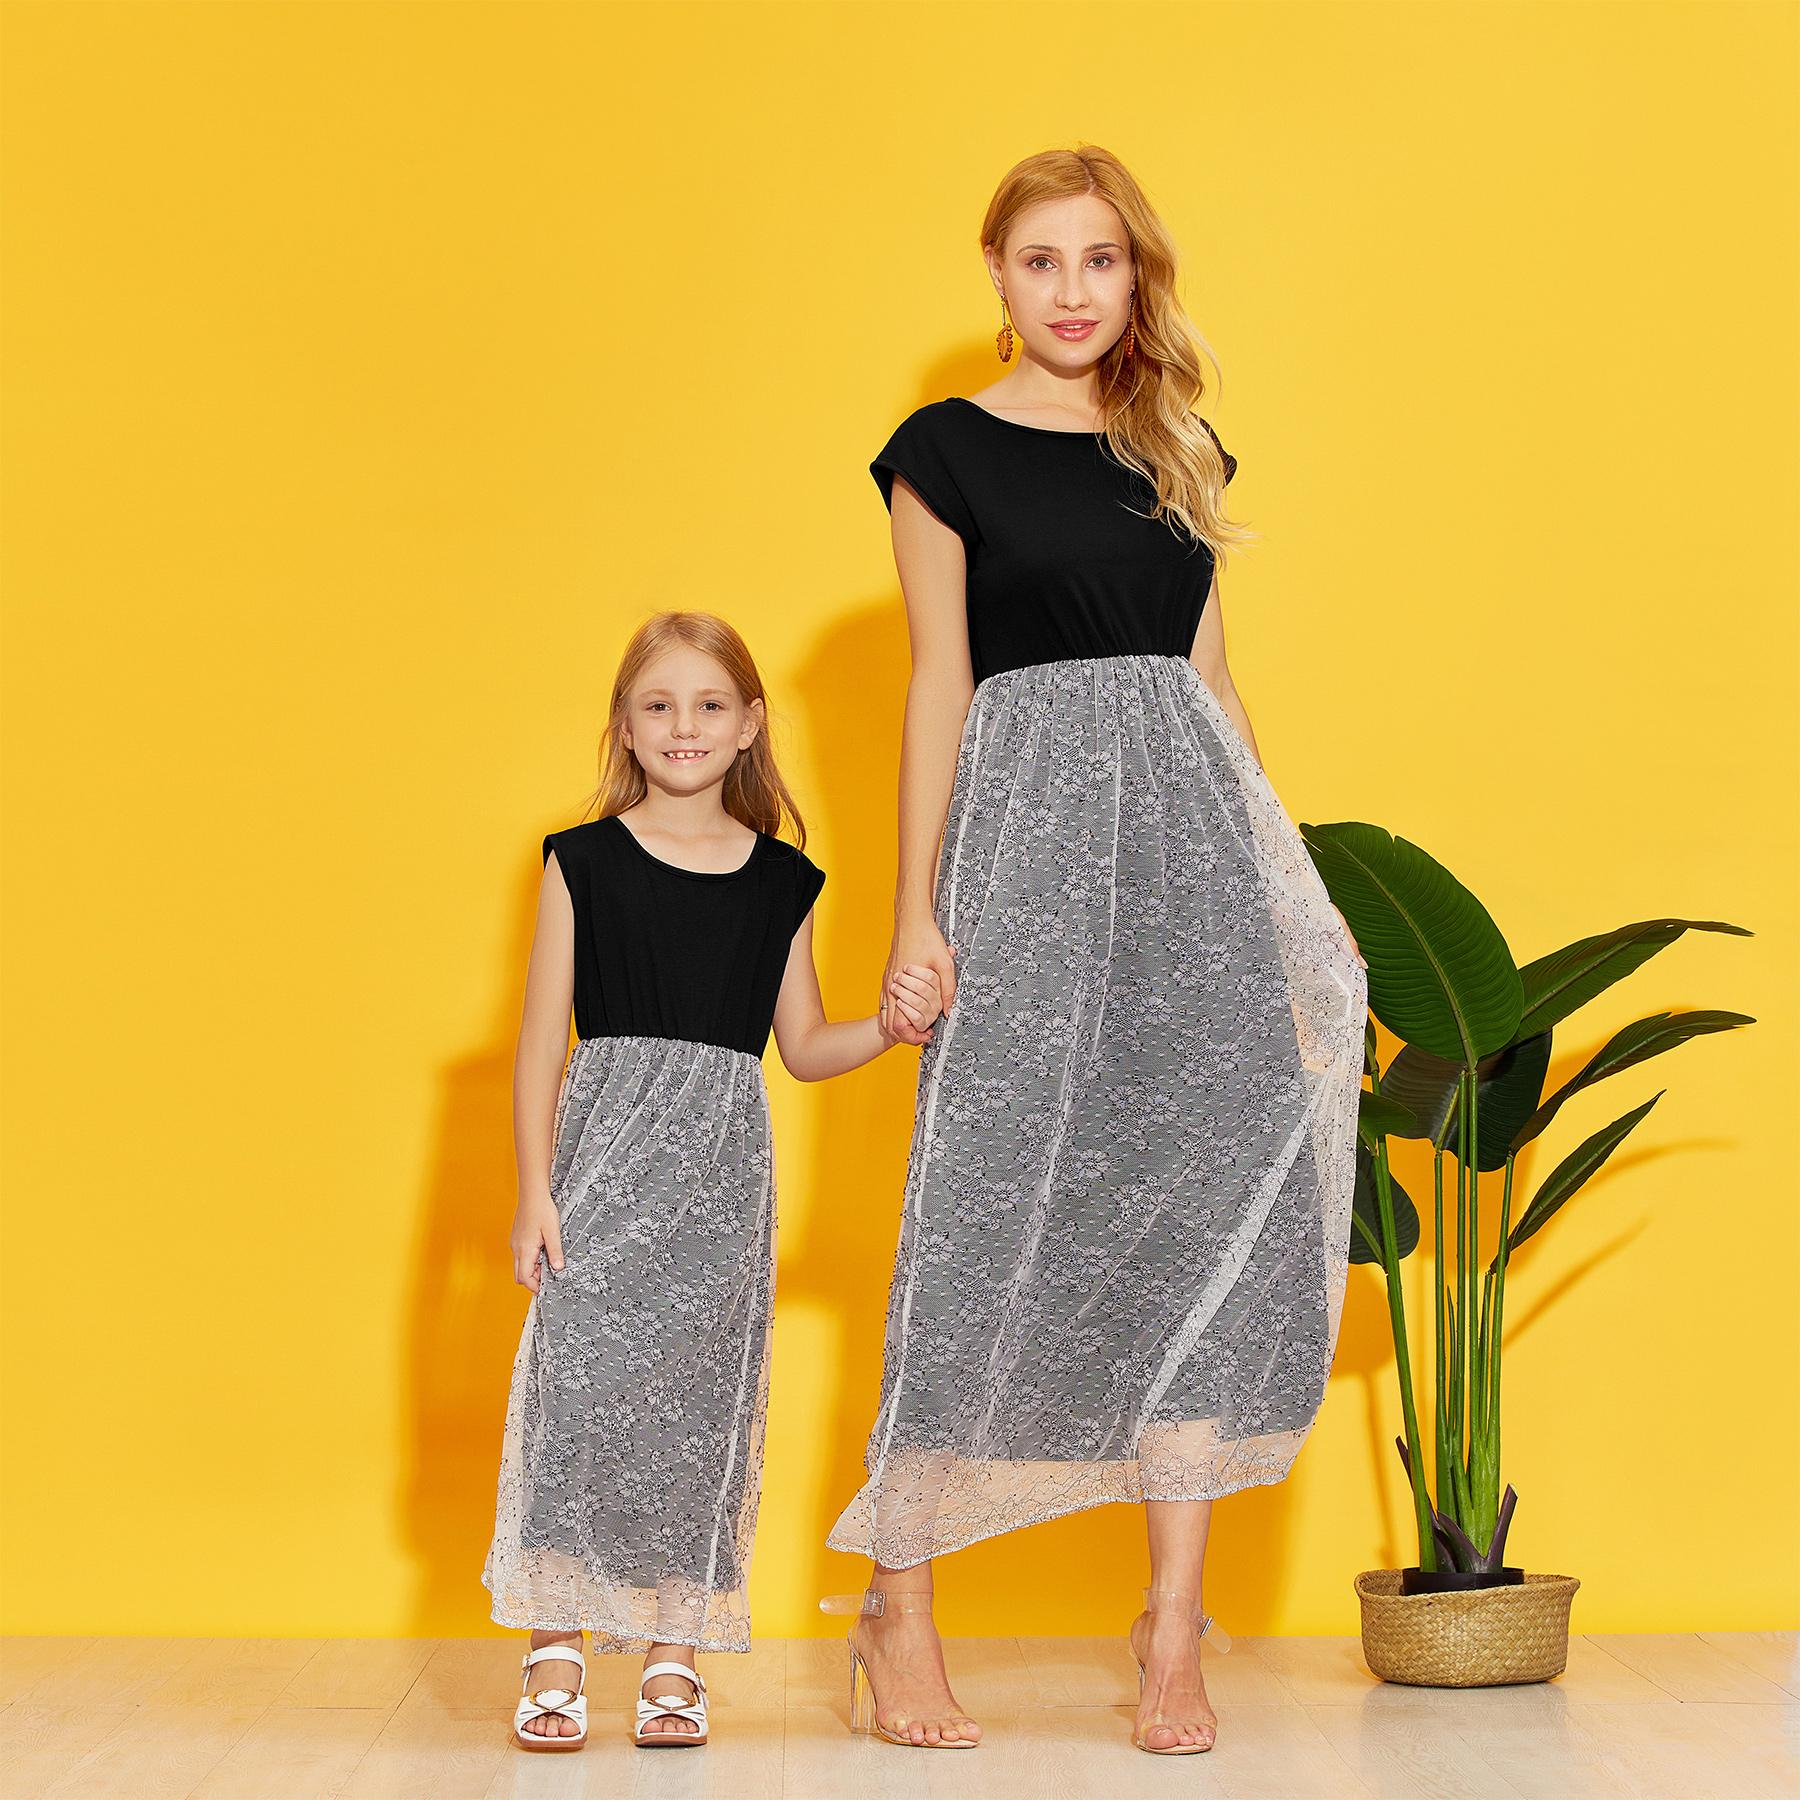 Stitching Lace Matching Dresses